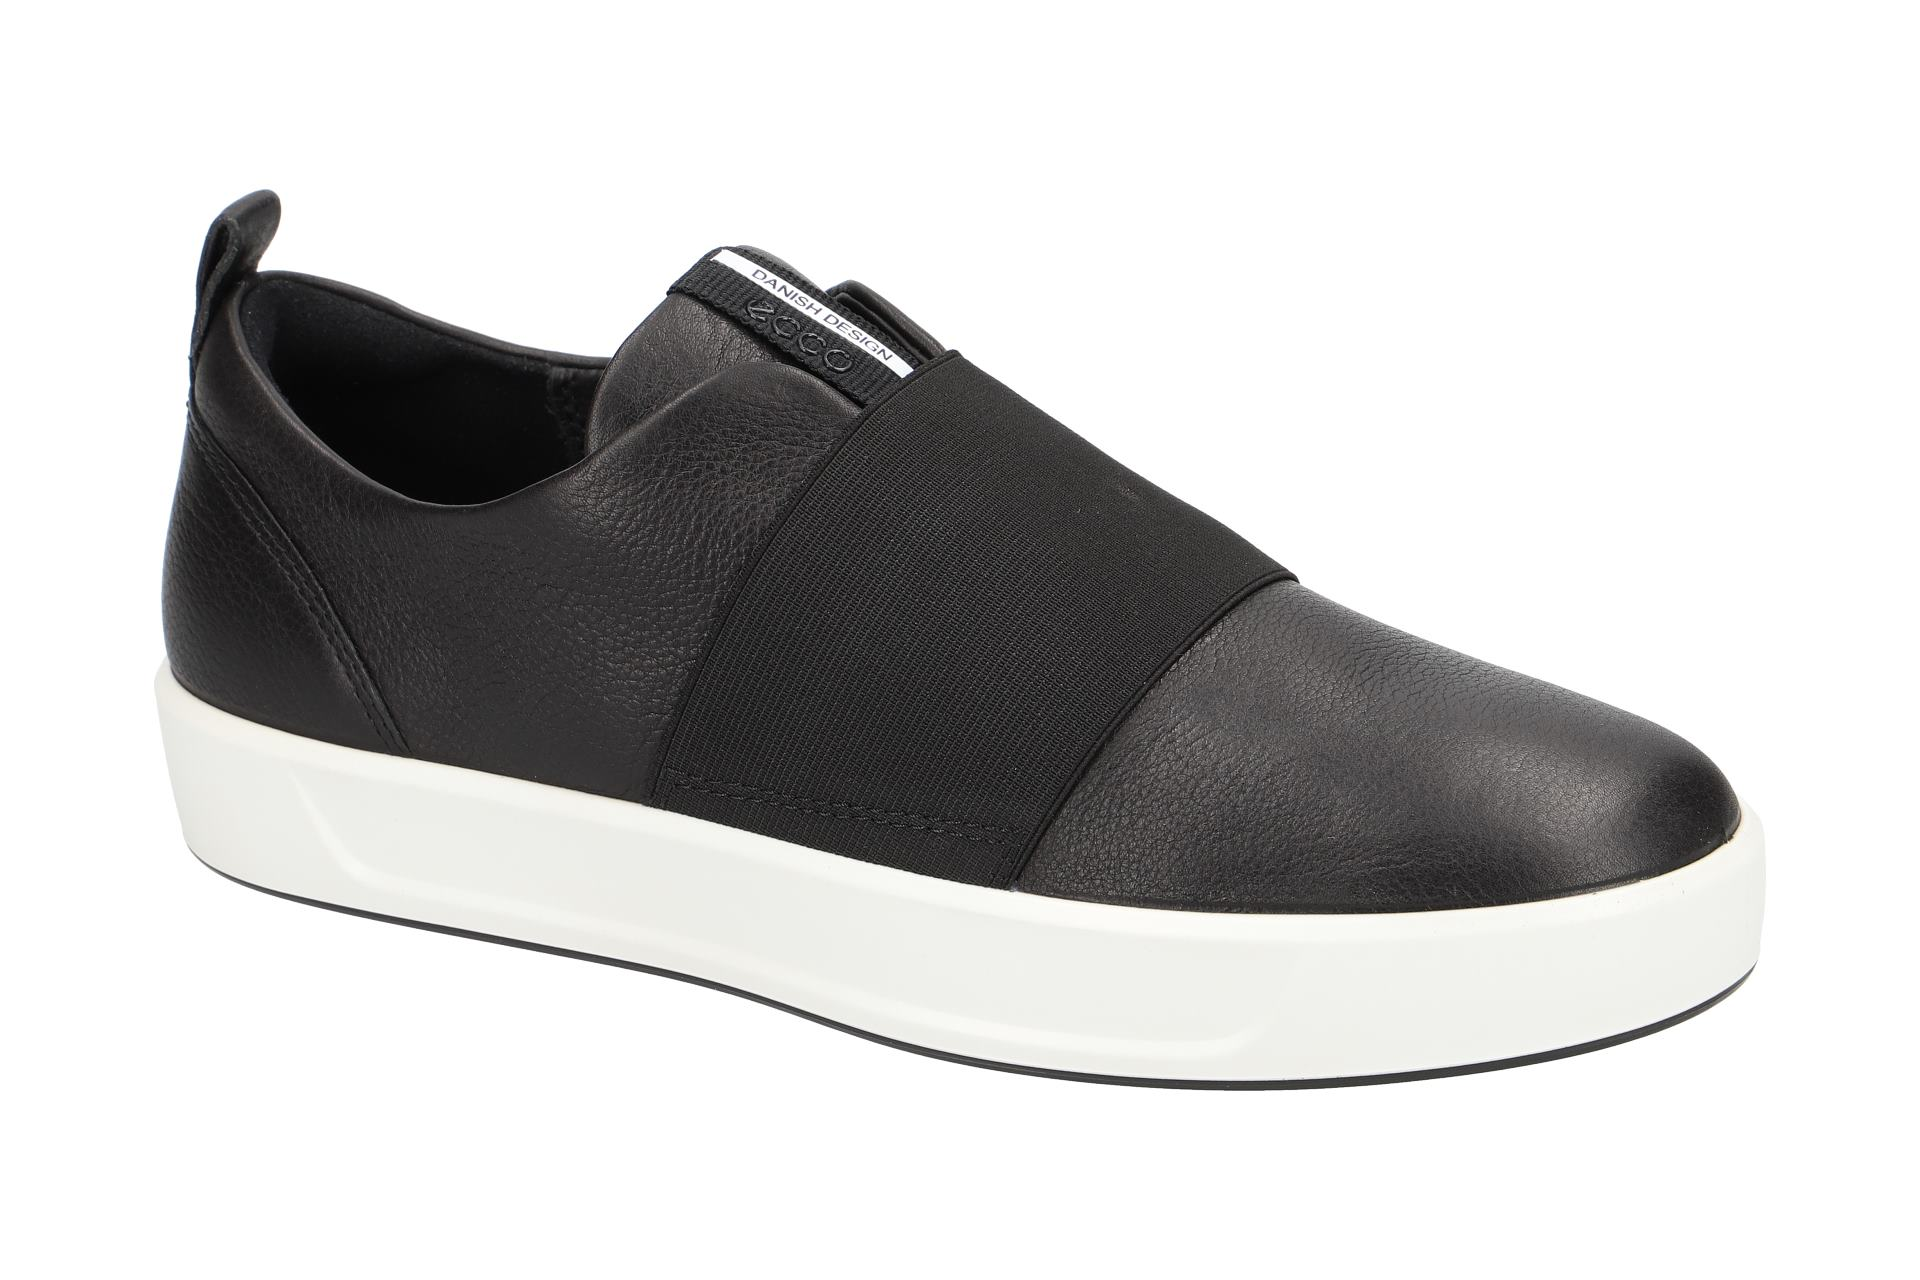 1d37a44080a412 Ecco Schuhe SOFT 8 LADIES schwarz Damenschuhe sportliche Slipper  44067301001 NEU